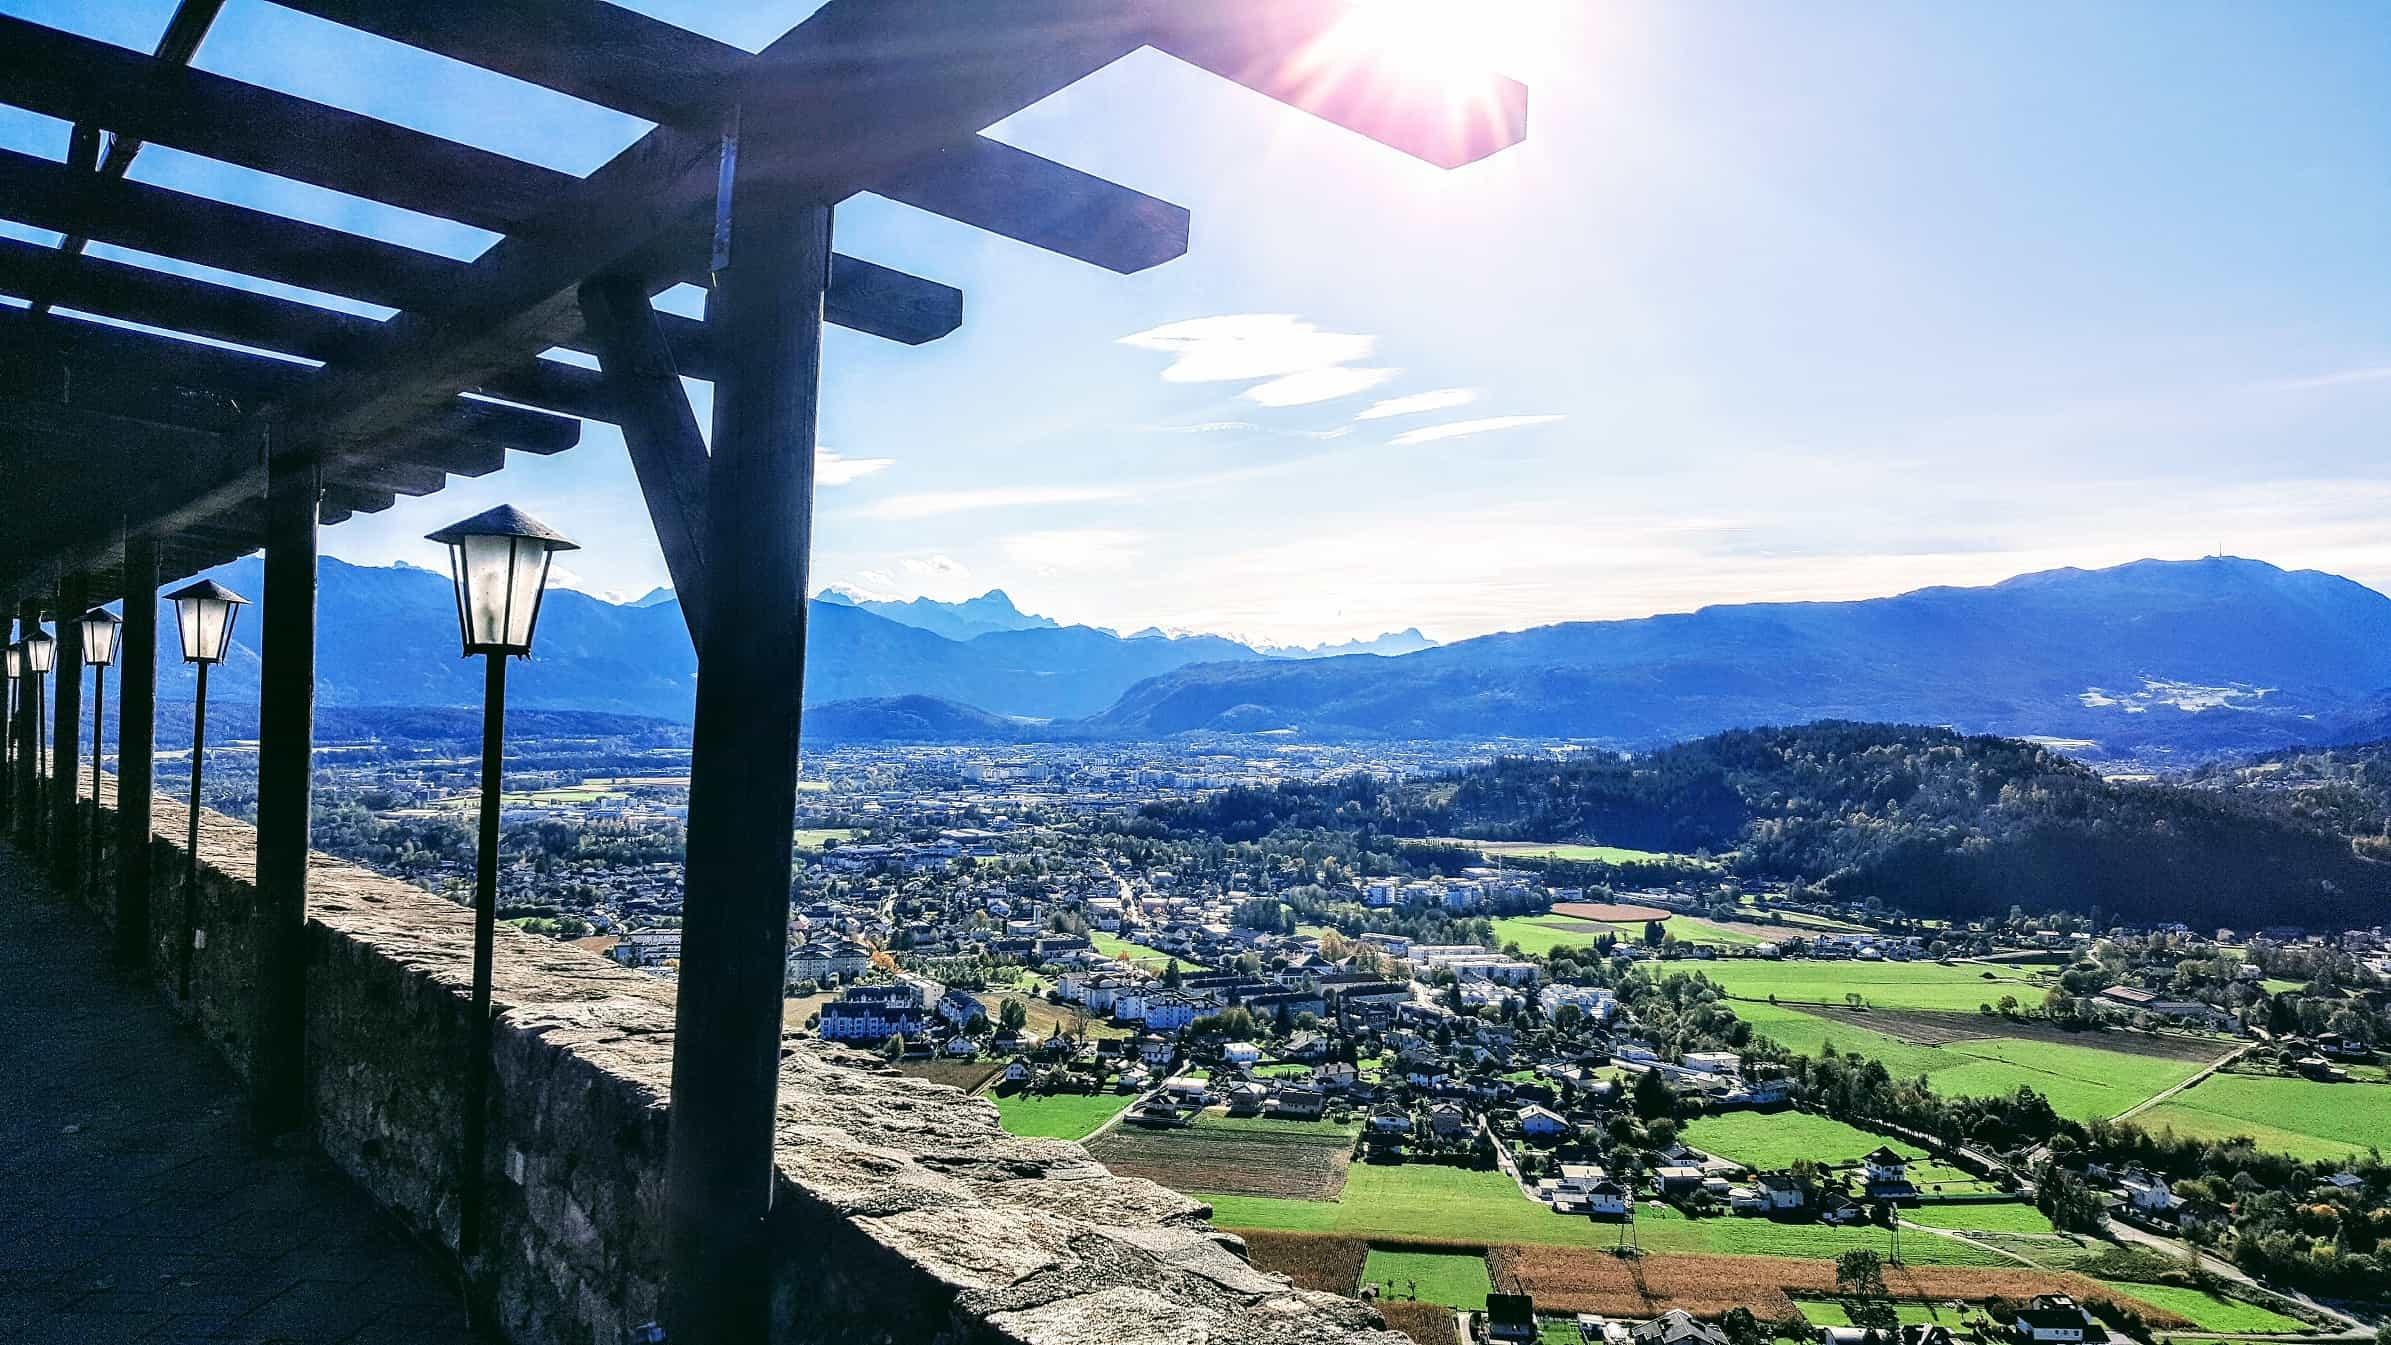 Aussicht Adlerarena Burg Landskron auf Villach in der Nähe vom Wörthersee in Kärnten